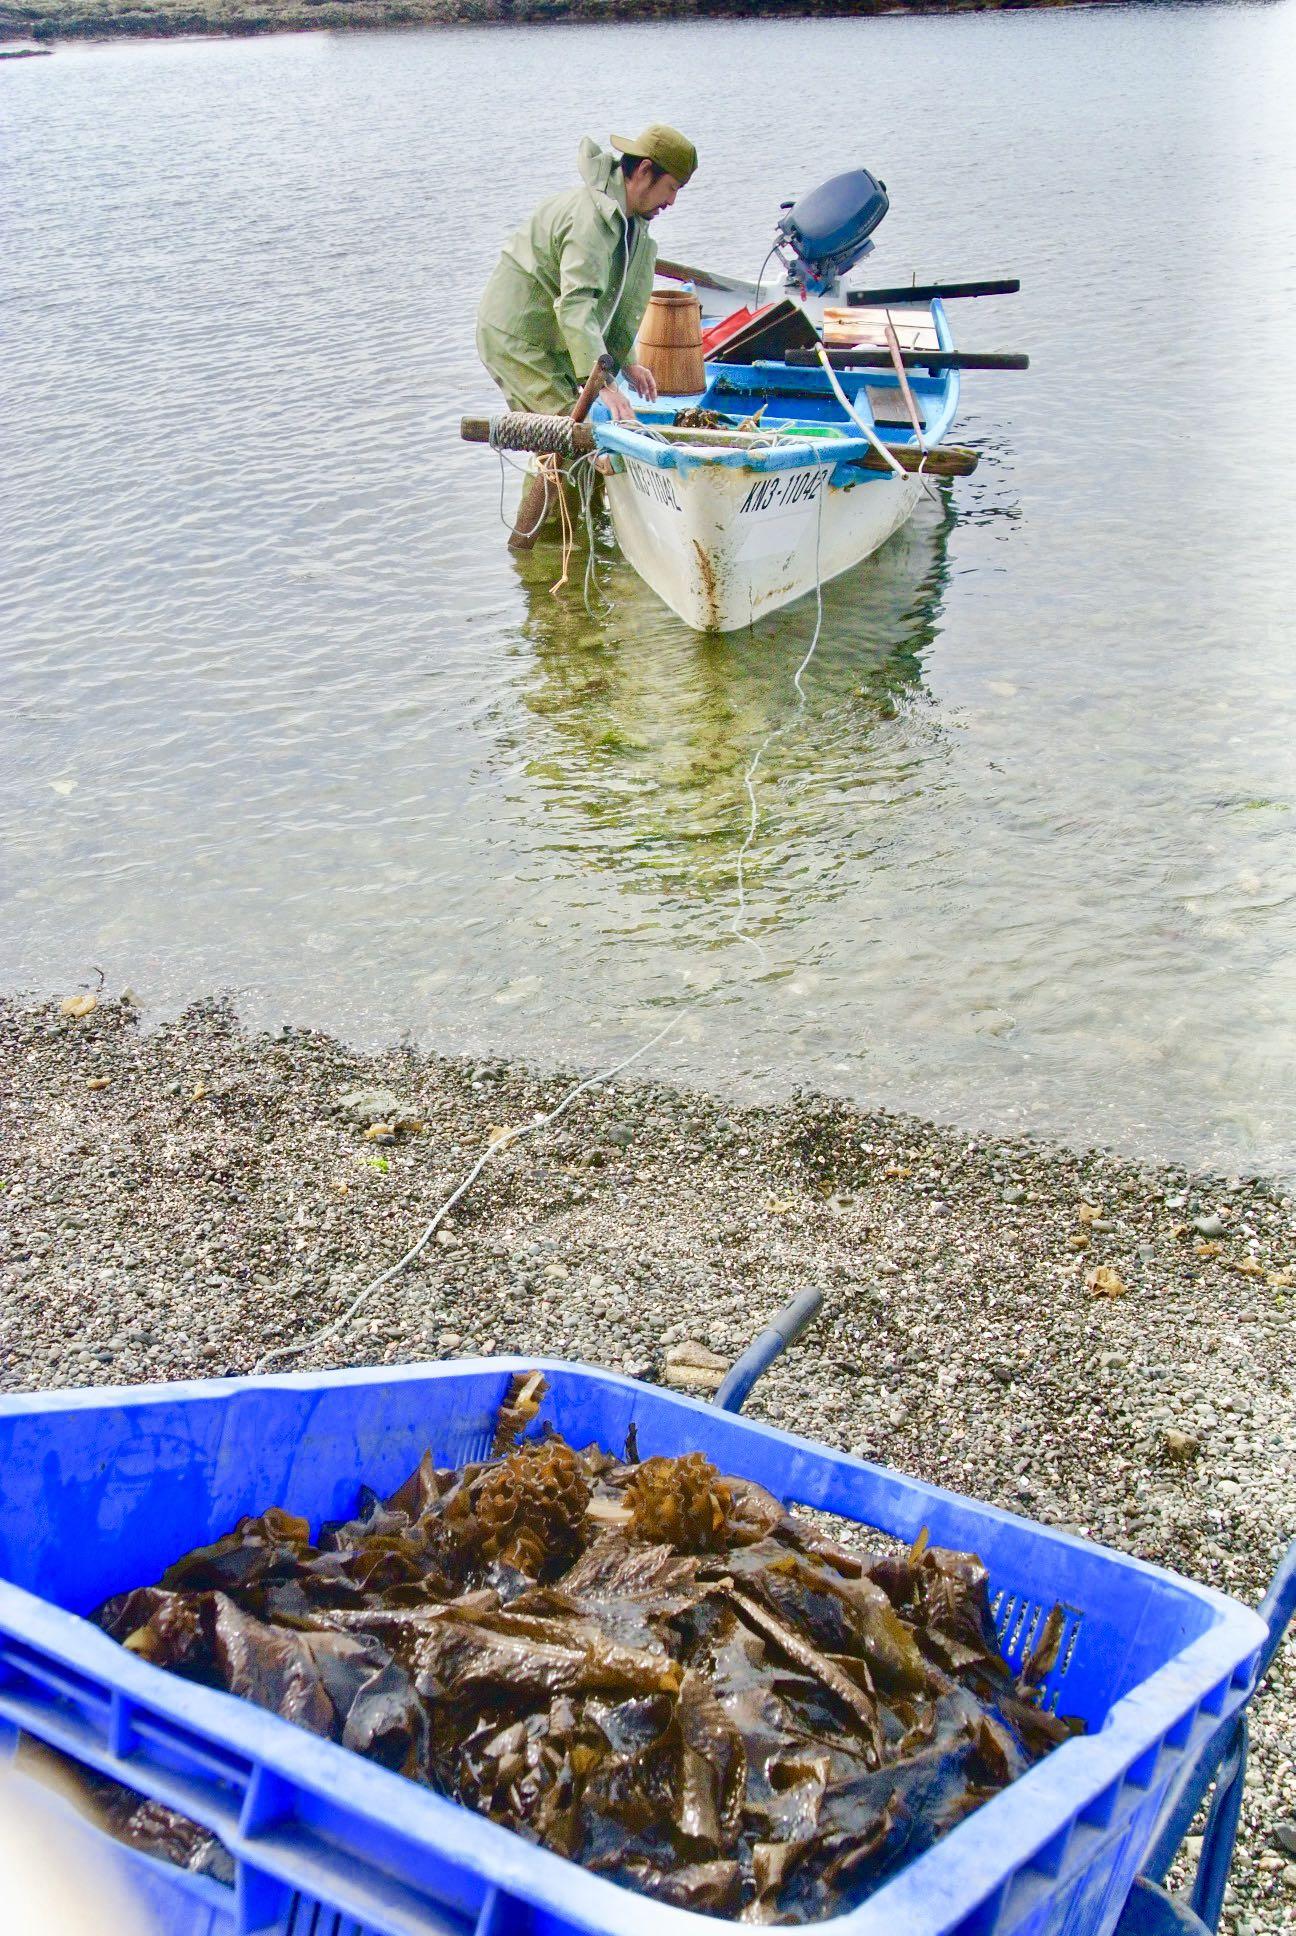 葉山名物、天然若芽漁は春のごちそうだ。舘野さんの船、「晃士丸」が漁から戻ってきた